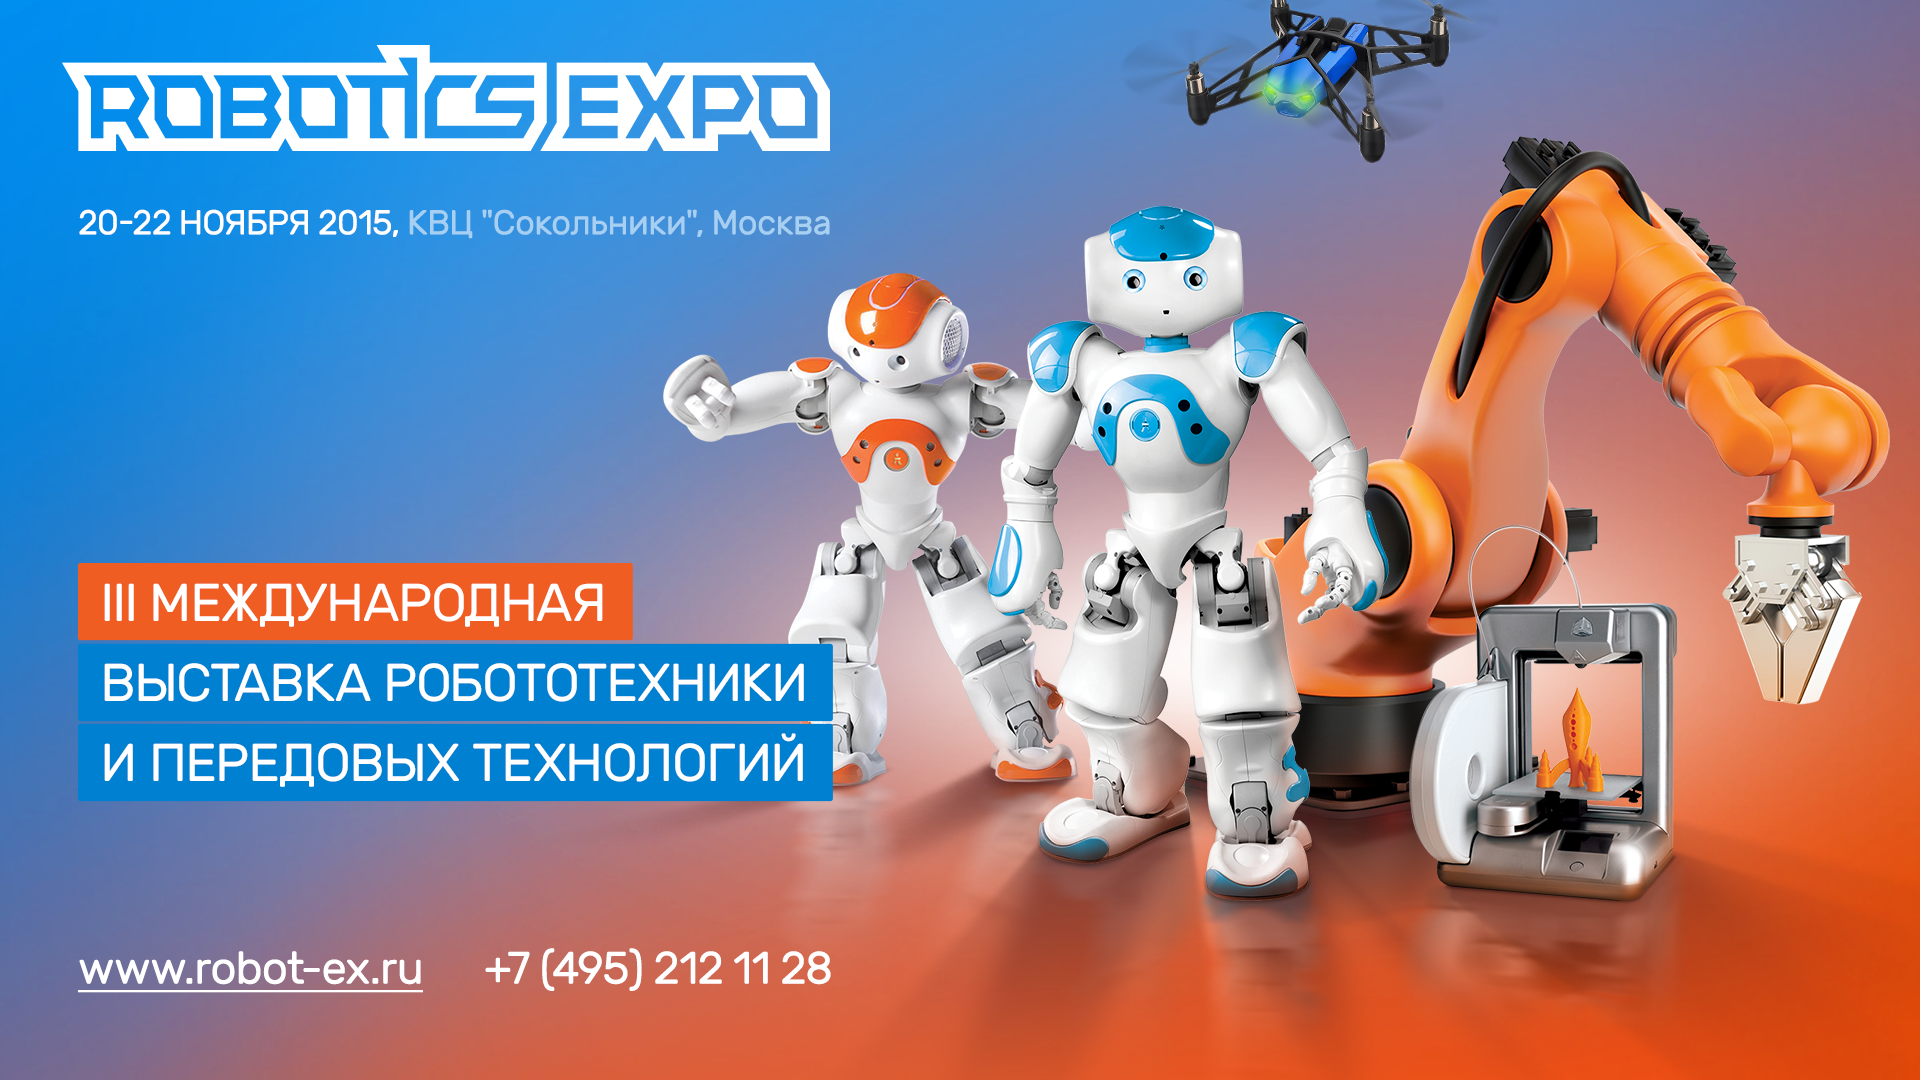 Робототехника и передовые технологии вновь приедут в Москву на Robotics Expo 2015